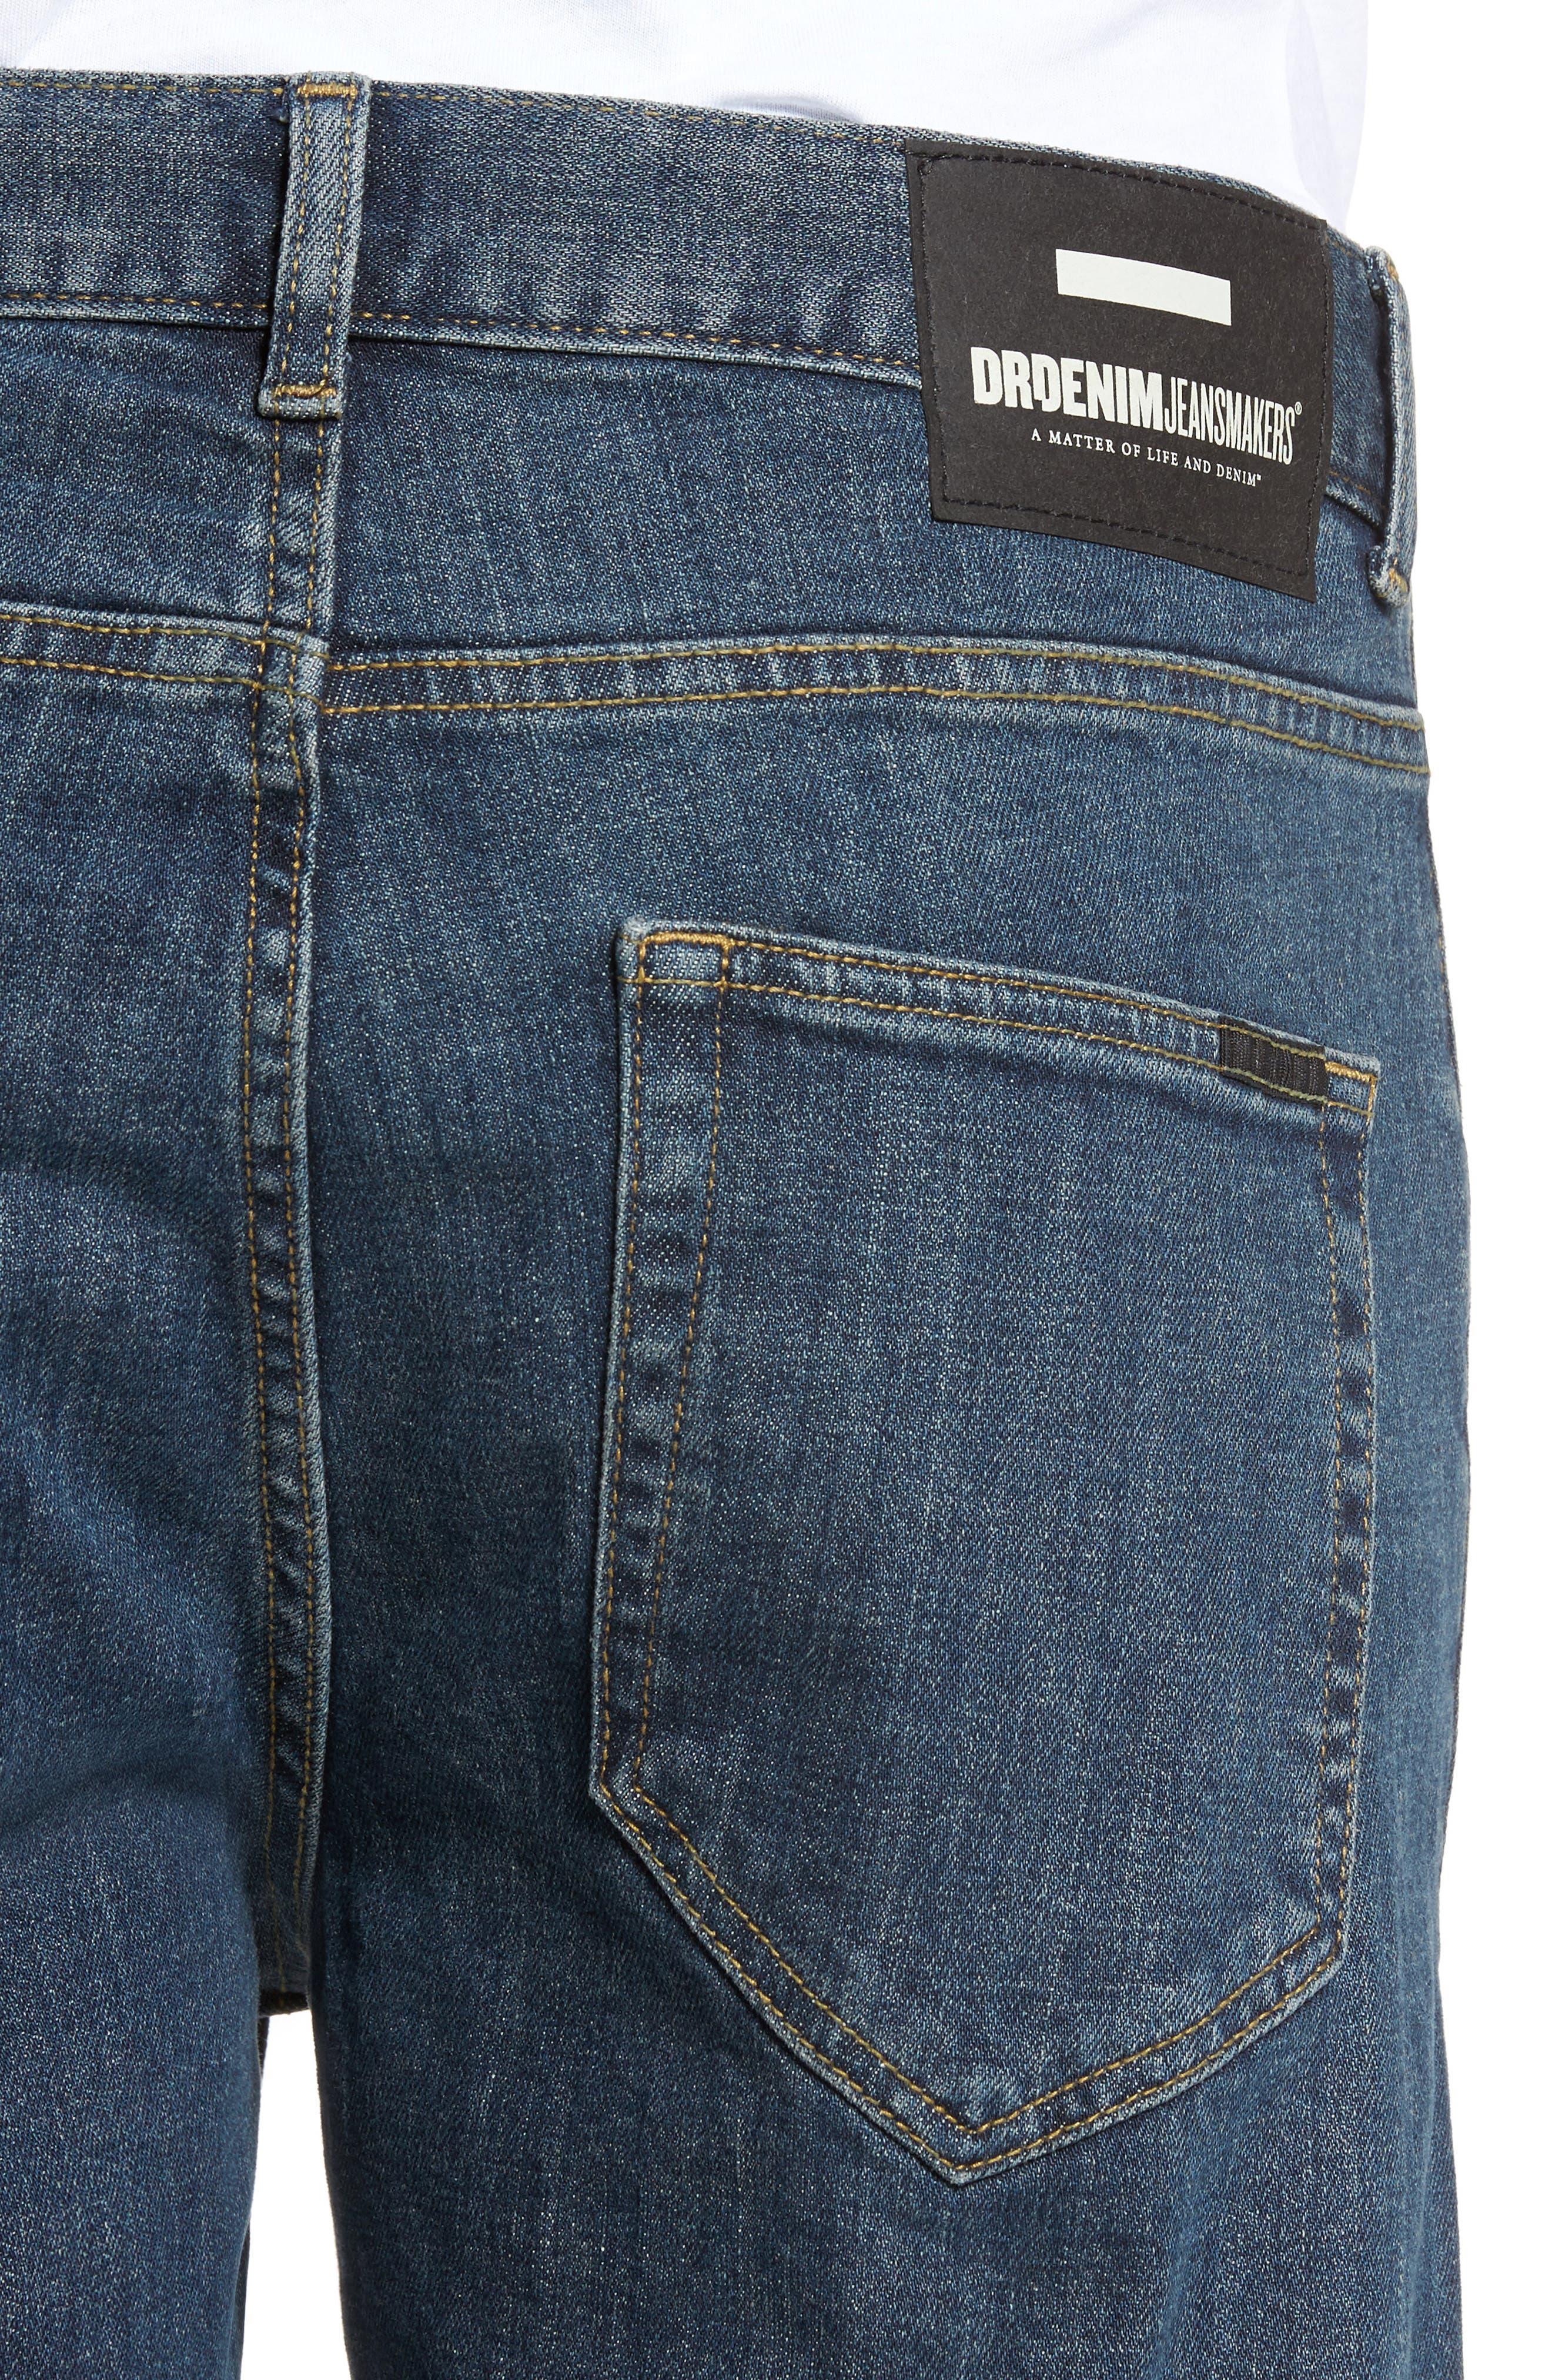 Clark Slim Straight Leg Jeans,                             Alternate thumbnail 4, color,                             400